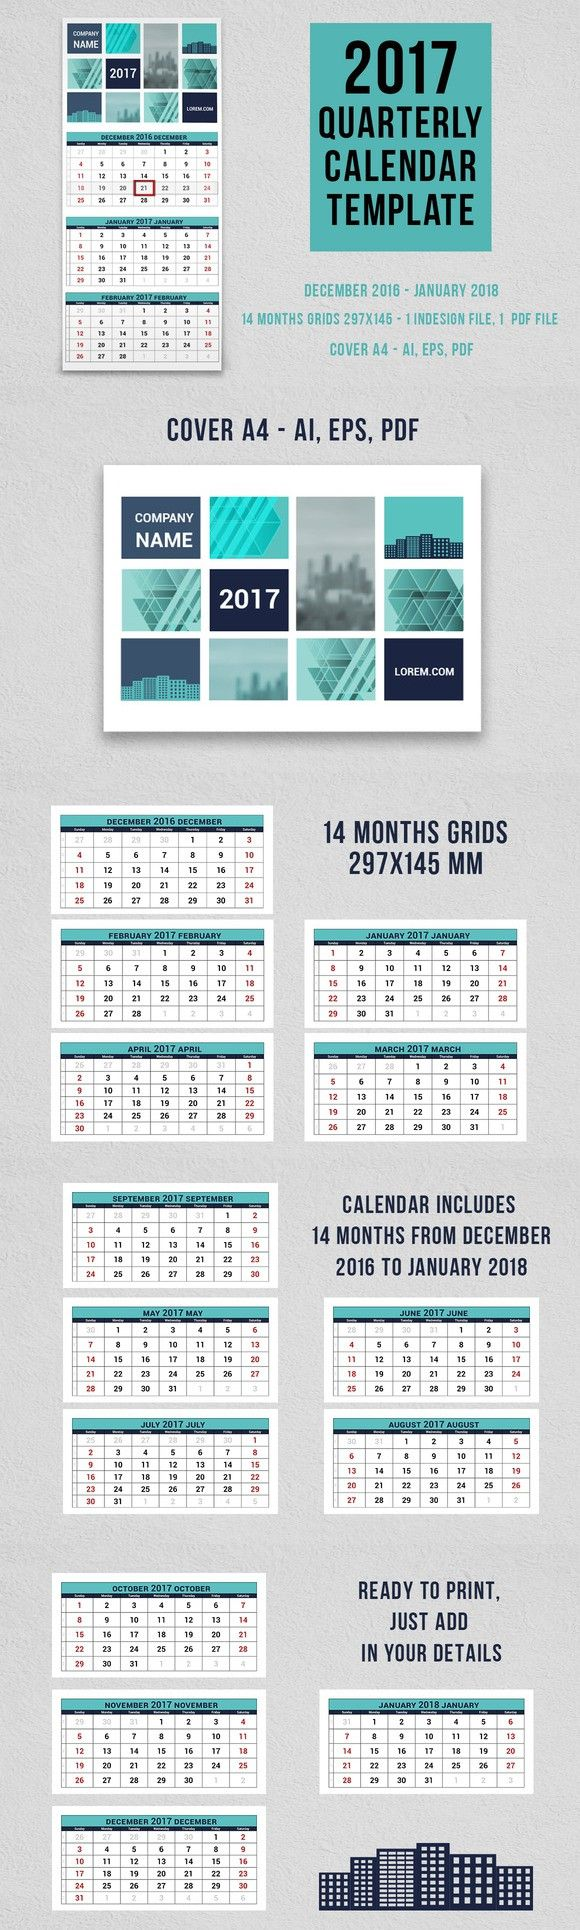 25 best ideas about Quarterly Calendar – Quarterly Calendar Template